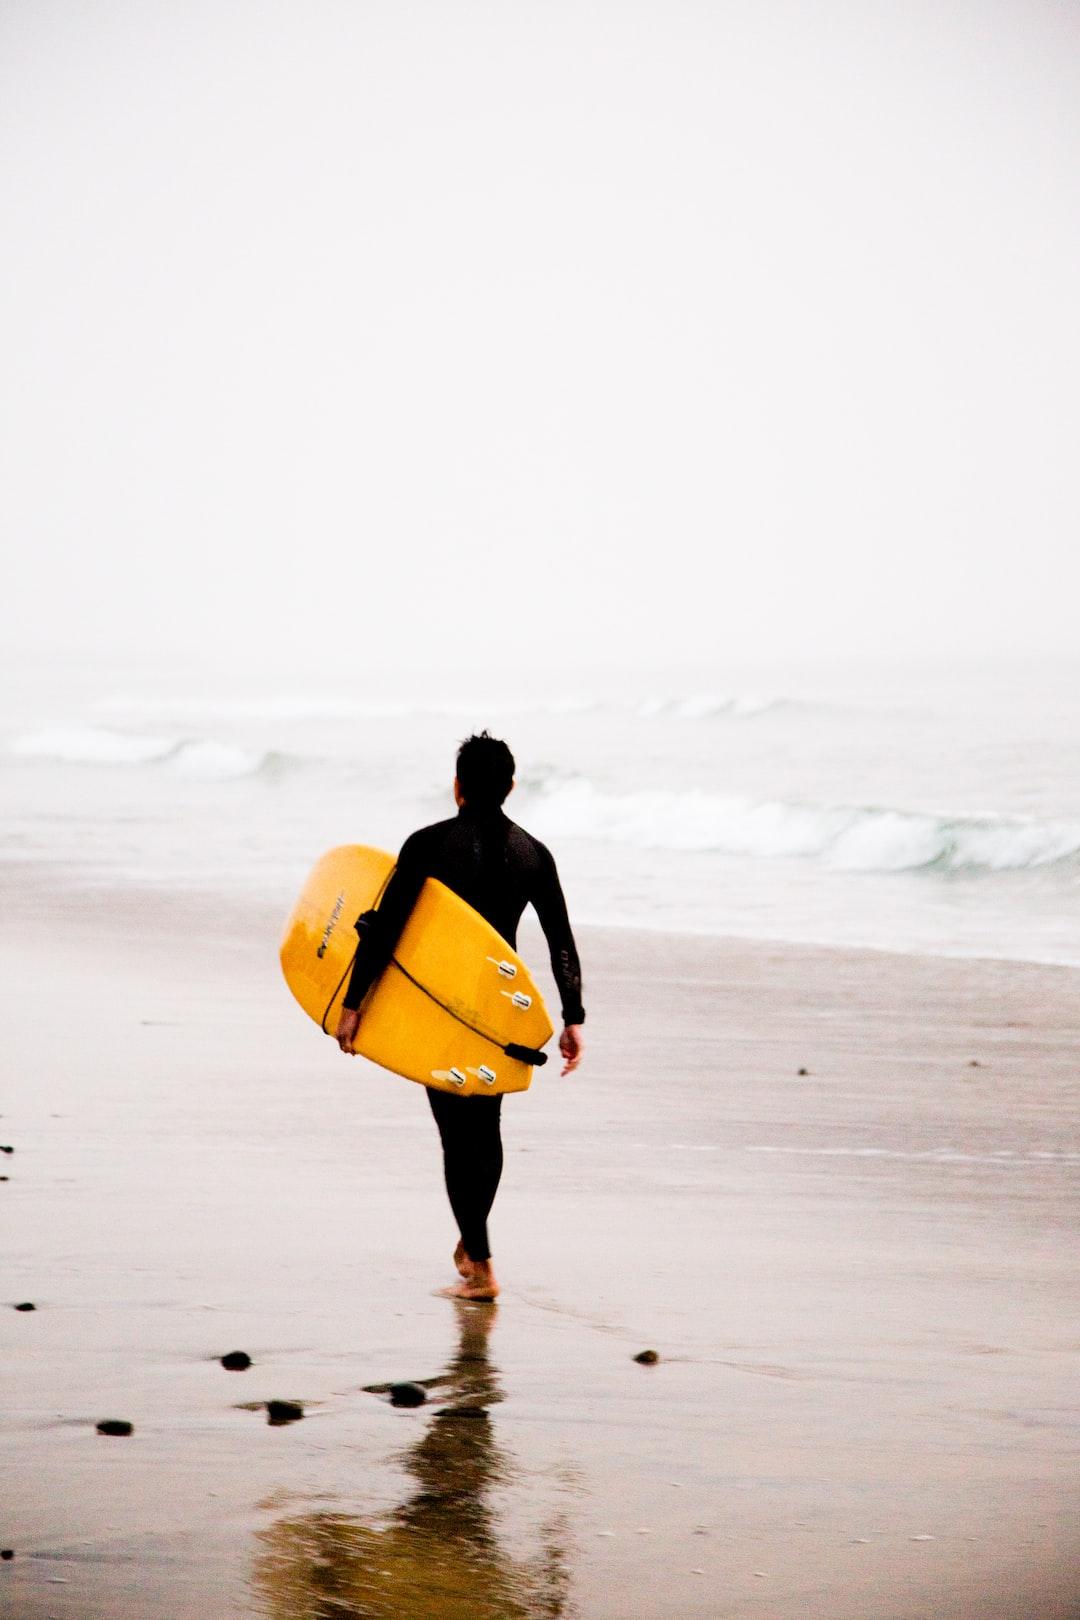 Surfer heading towards the sea